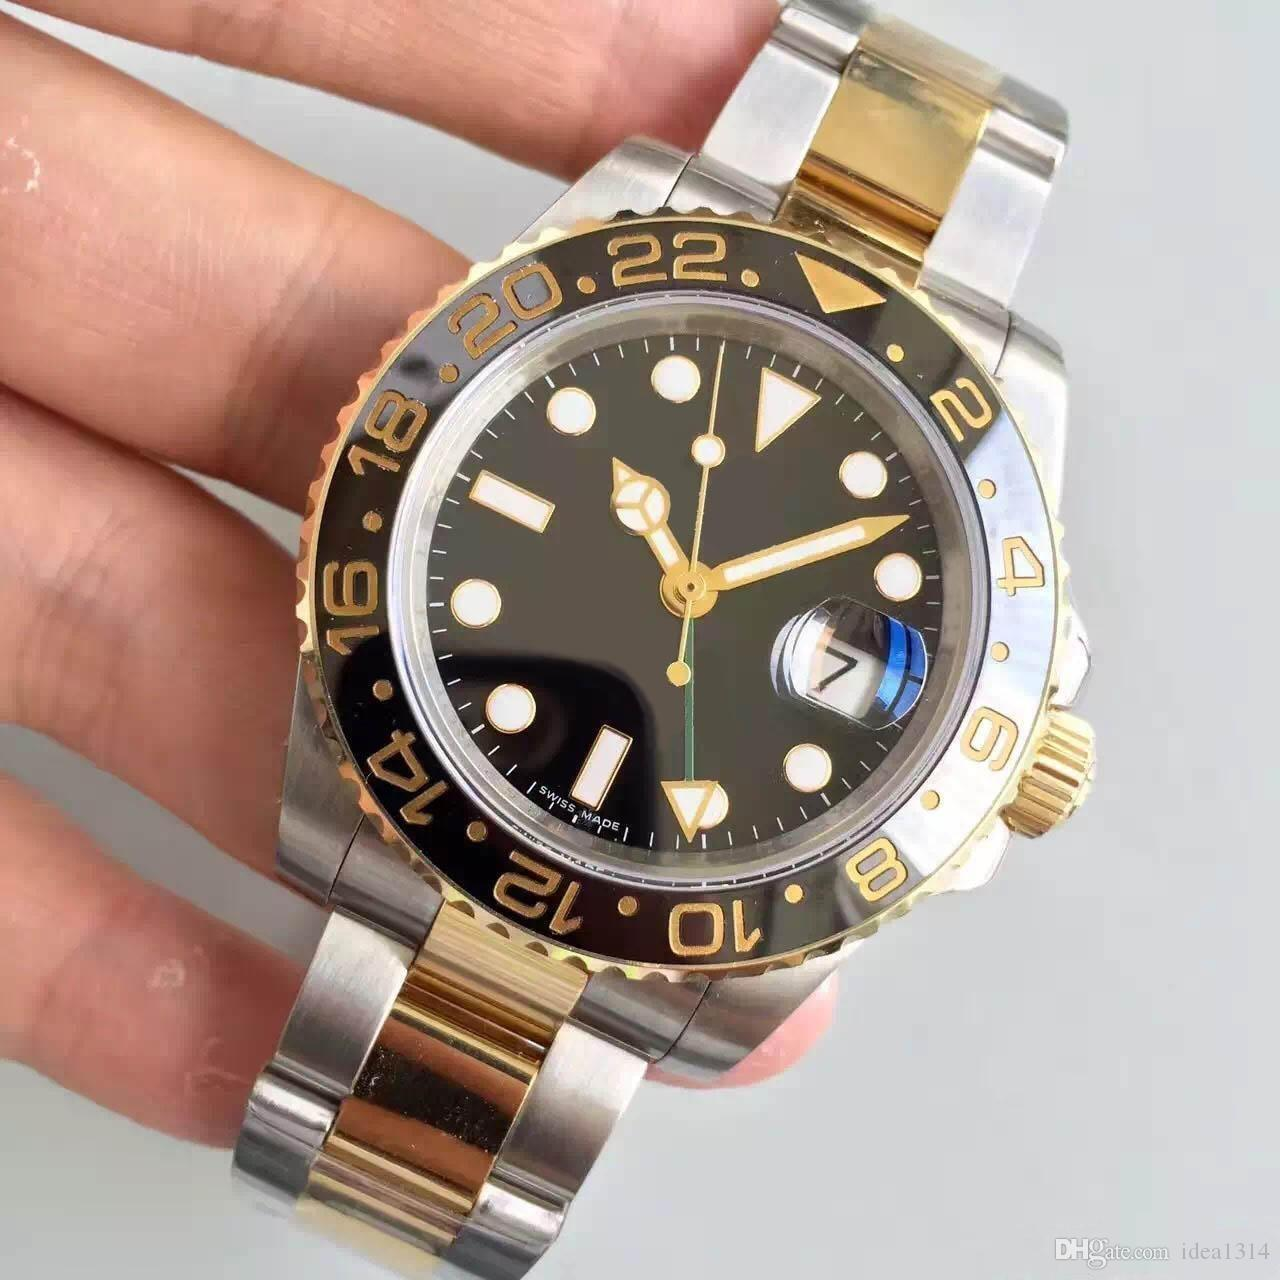 relógio da qualidade dos homens venda quente GMT II Série cerâmica anel de ouro 18K embutimento Qualidade Movimento automático Sapphire espelho ajuste independente